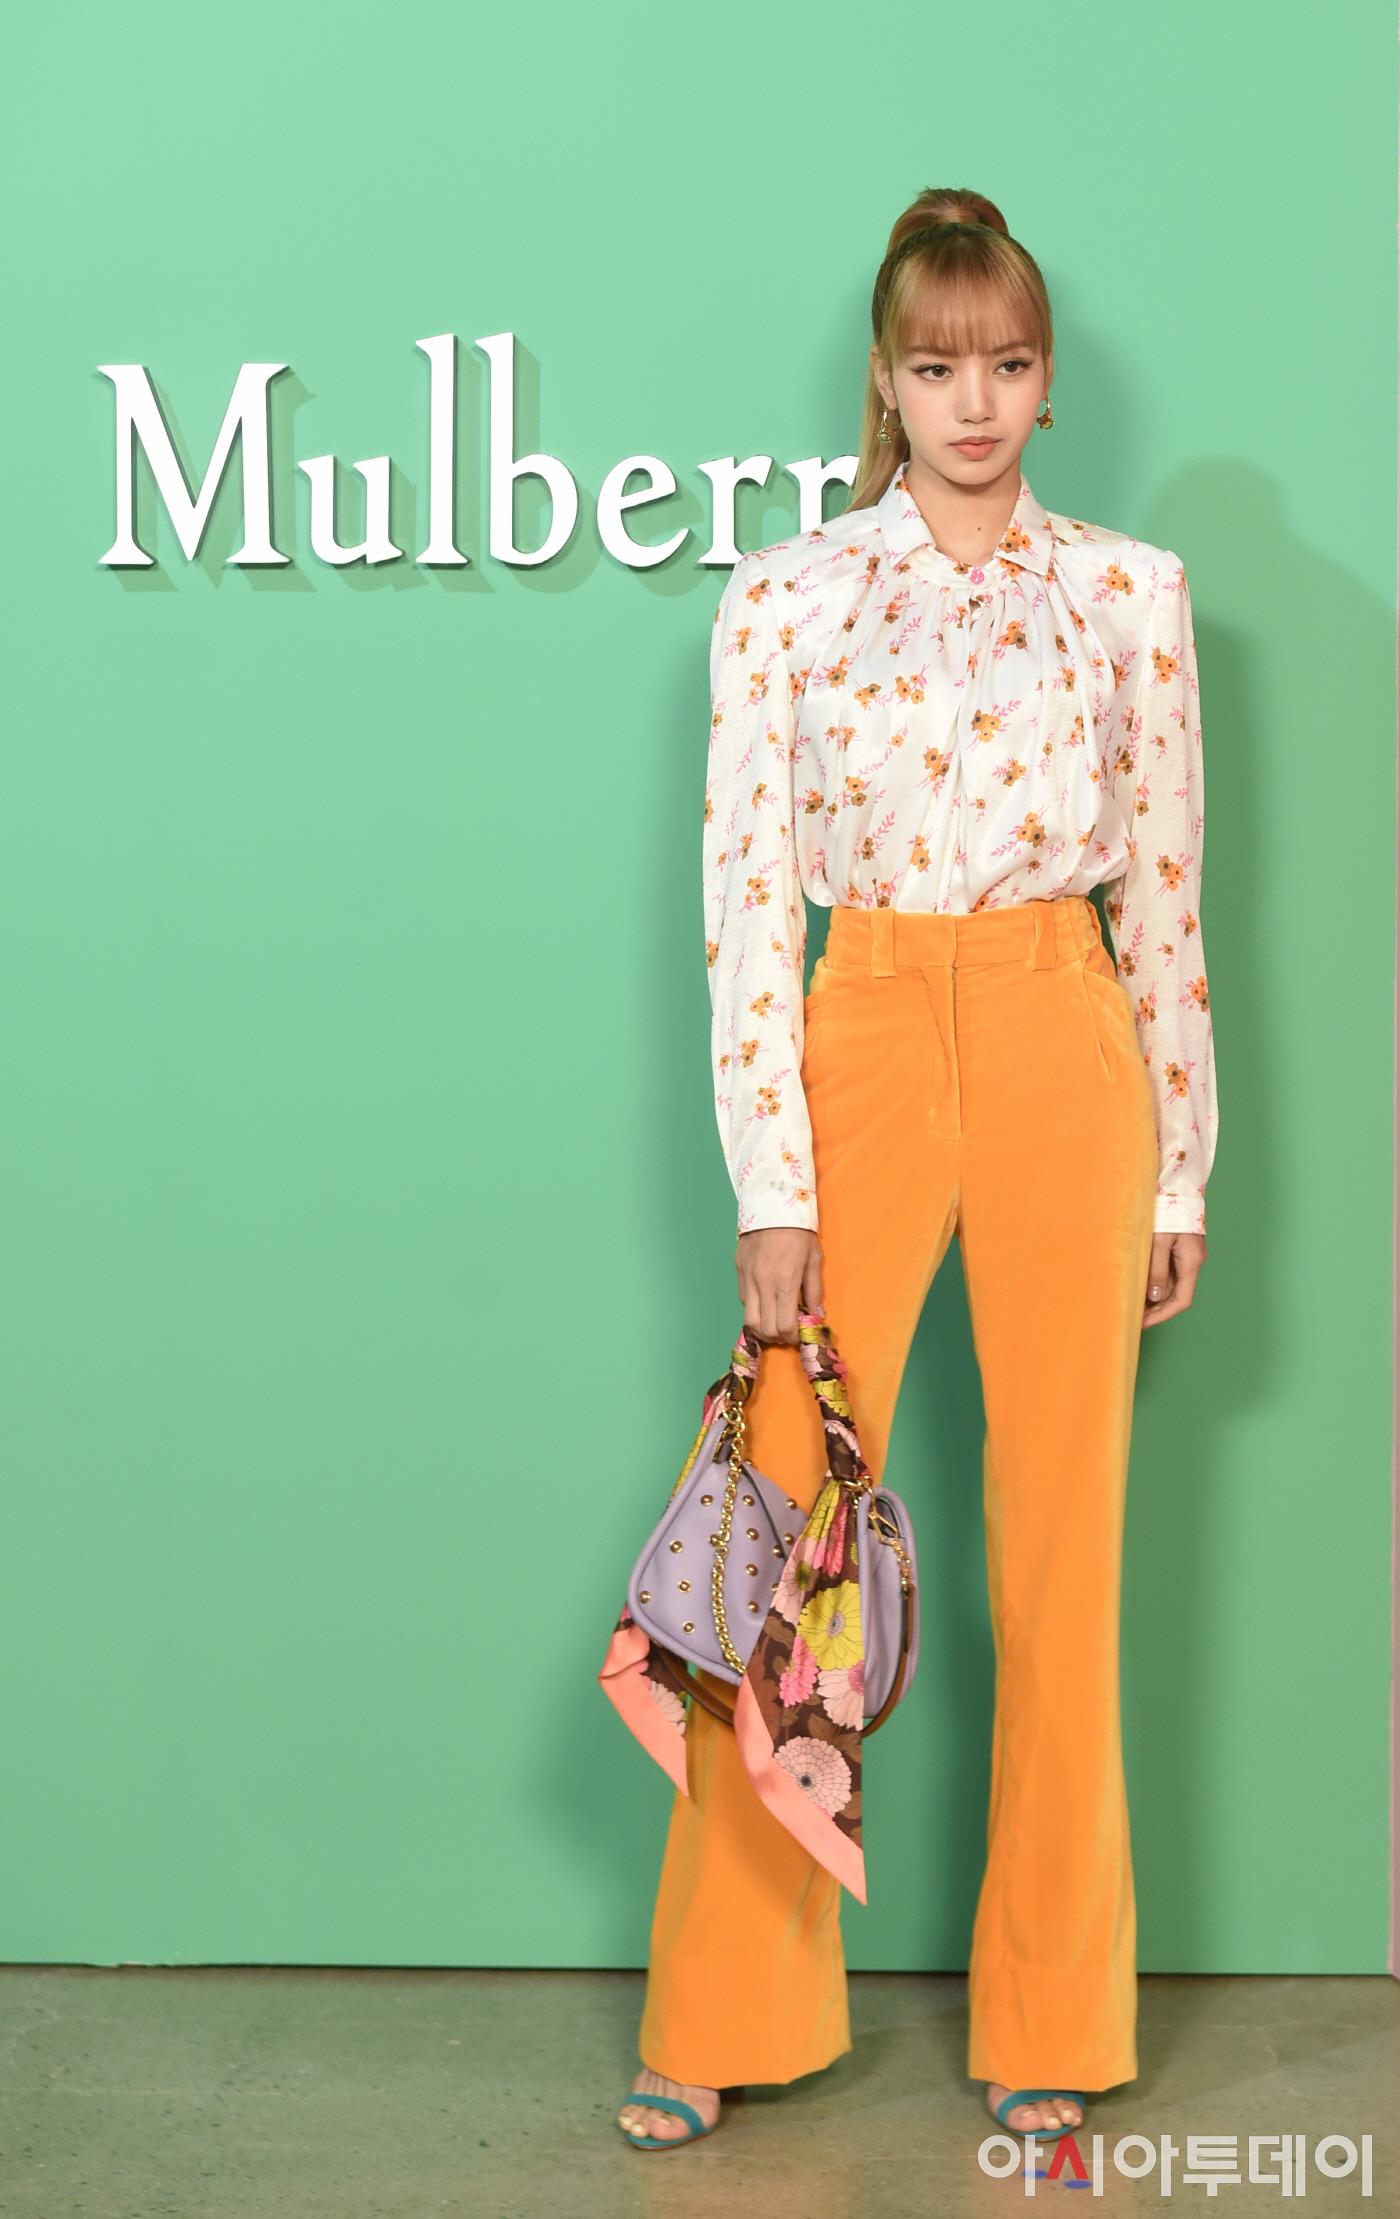 Lisa mặc áo hoa, quần ống loe vàng và túi xách thắt khăn tại buổi trình diễn BST Thu - Đông 2018 của Mulberry